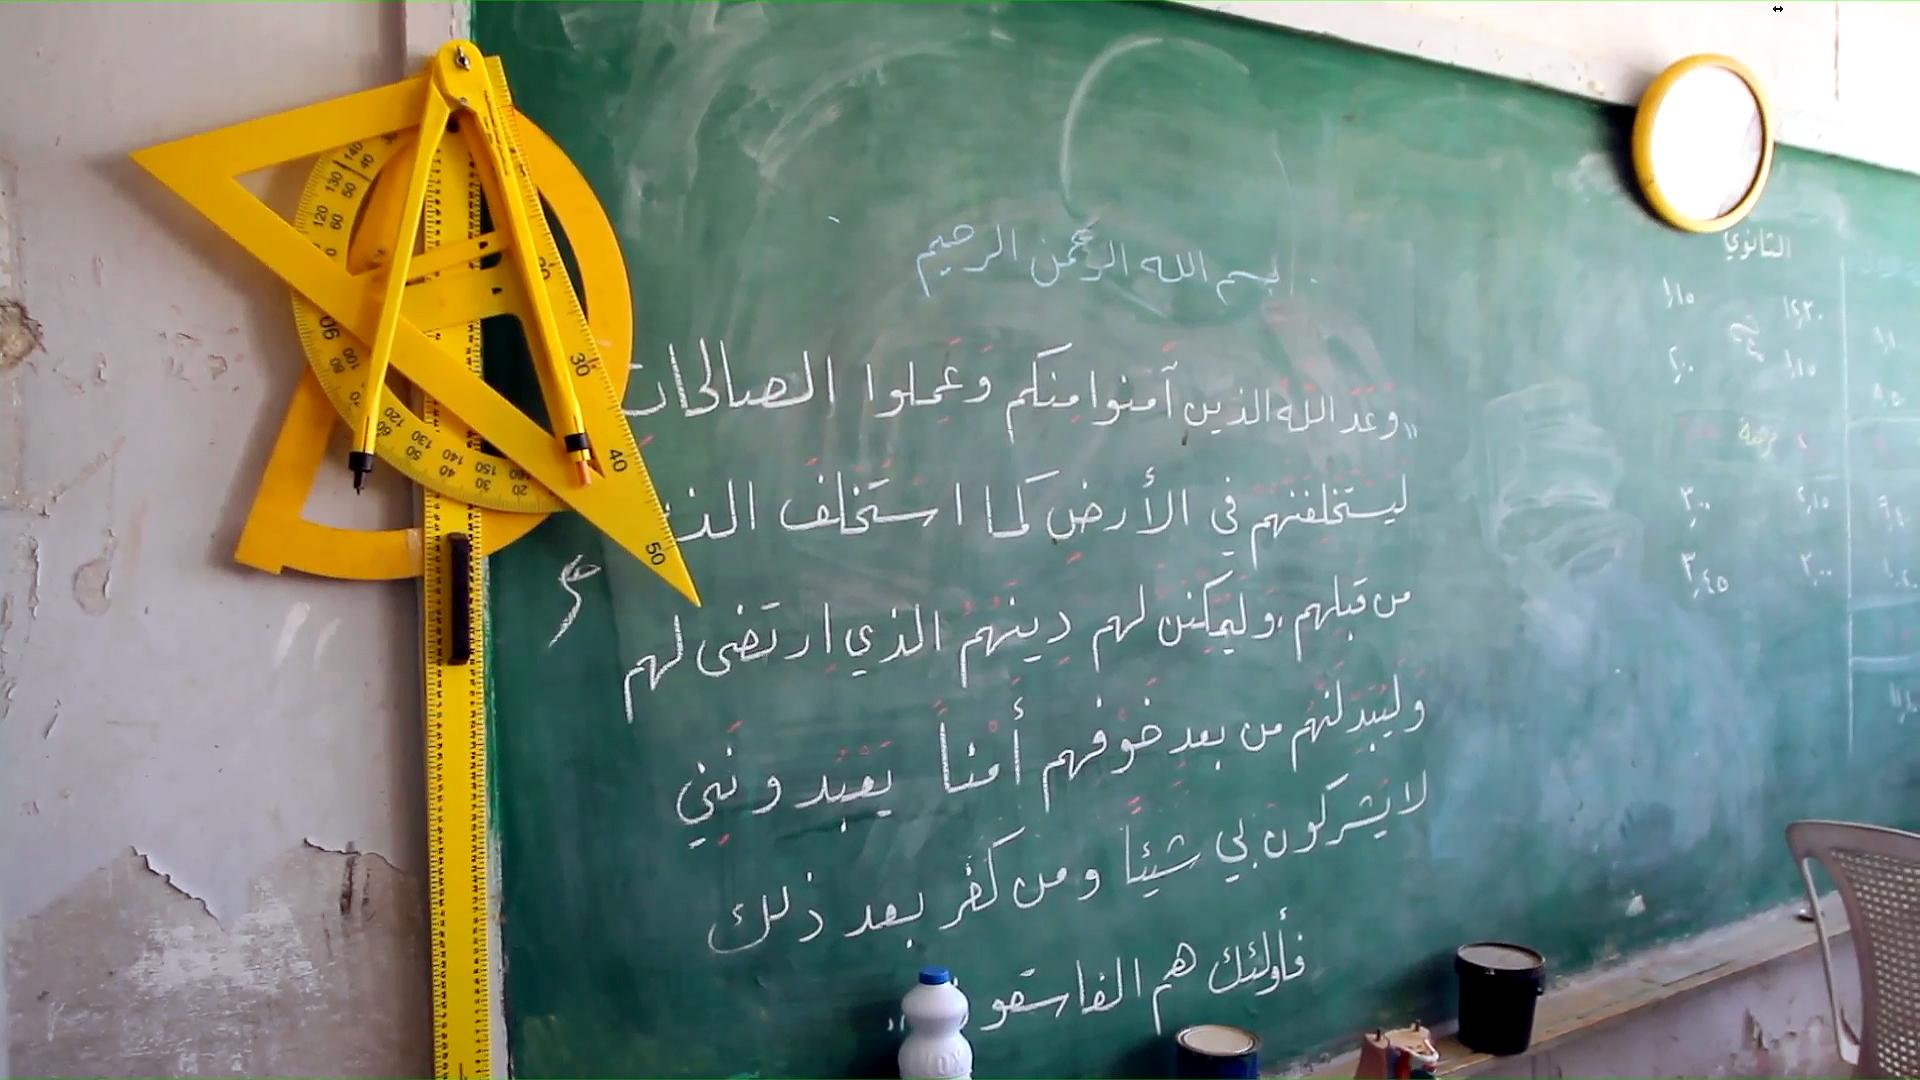 أداوات هندسية بجوار سبورة في مدرسة أم الشهداء بتفتناز (عنب بلدي)